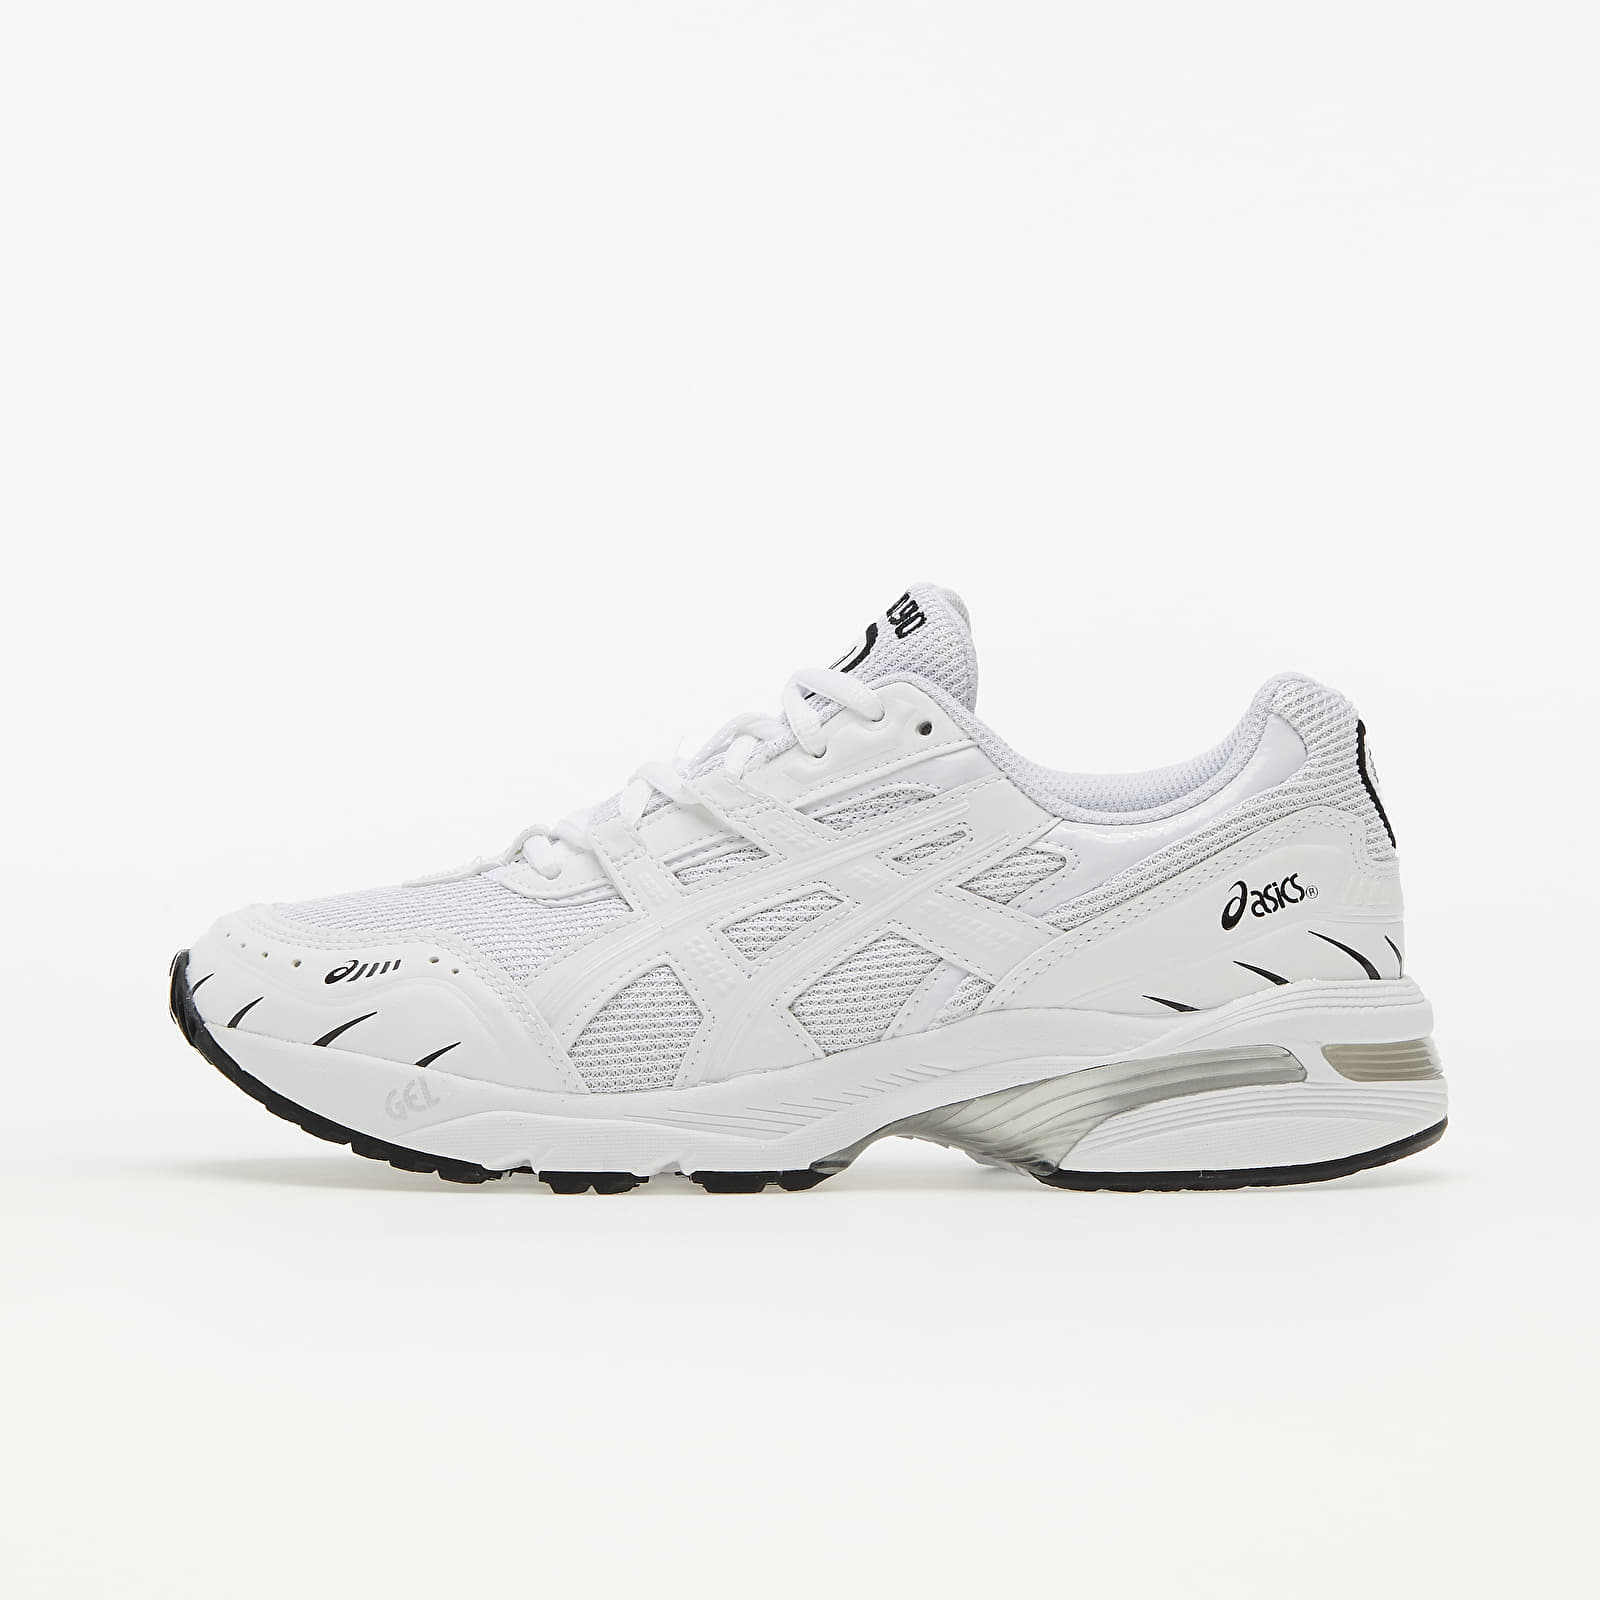 Asics GEL-1090 White/ White EUR 37.5